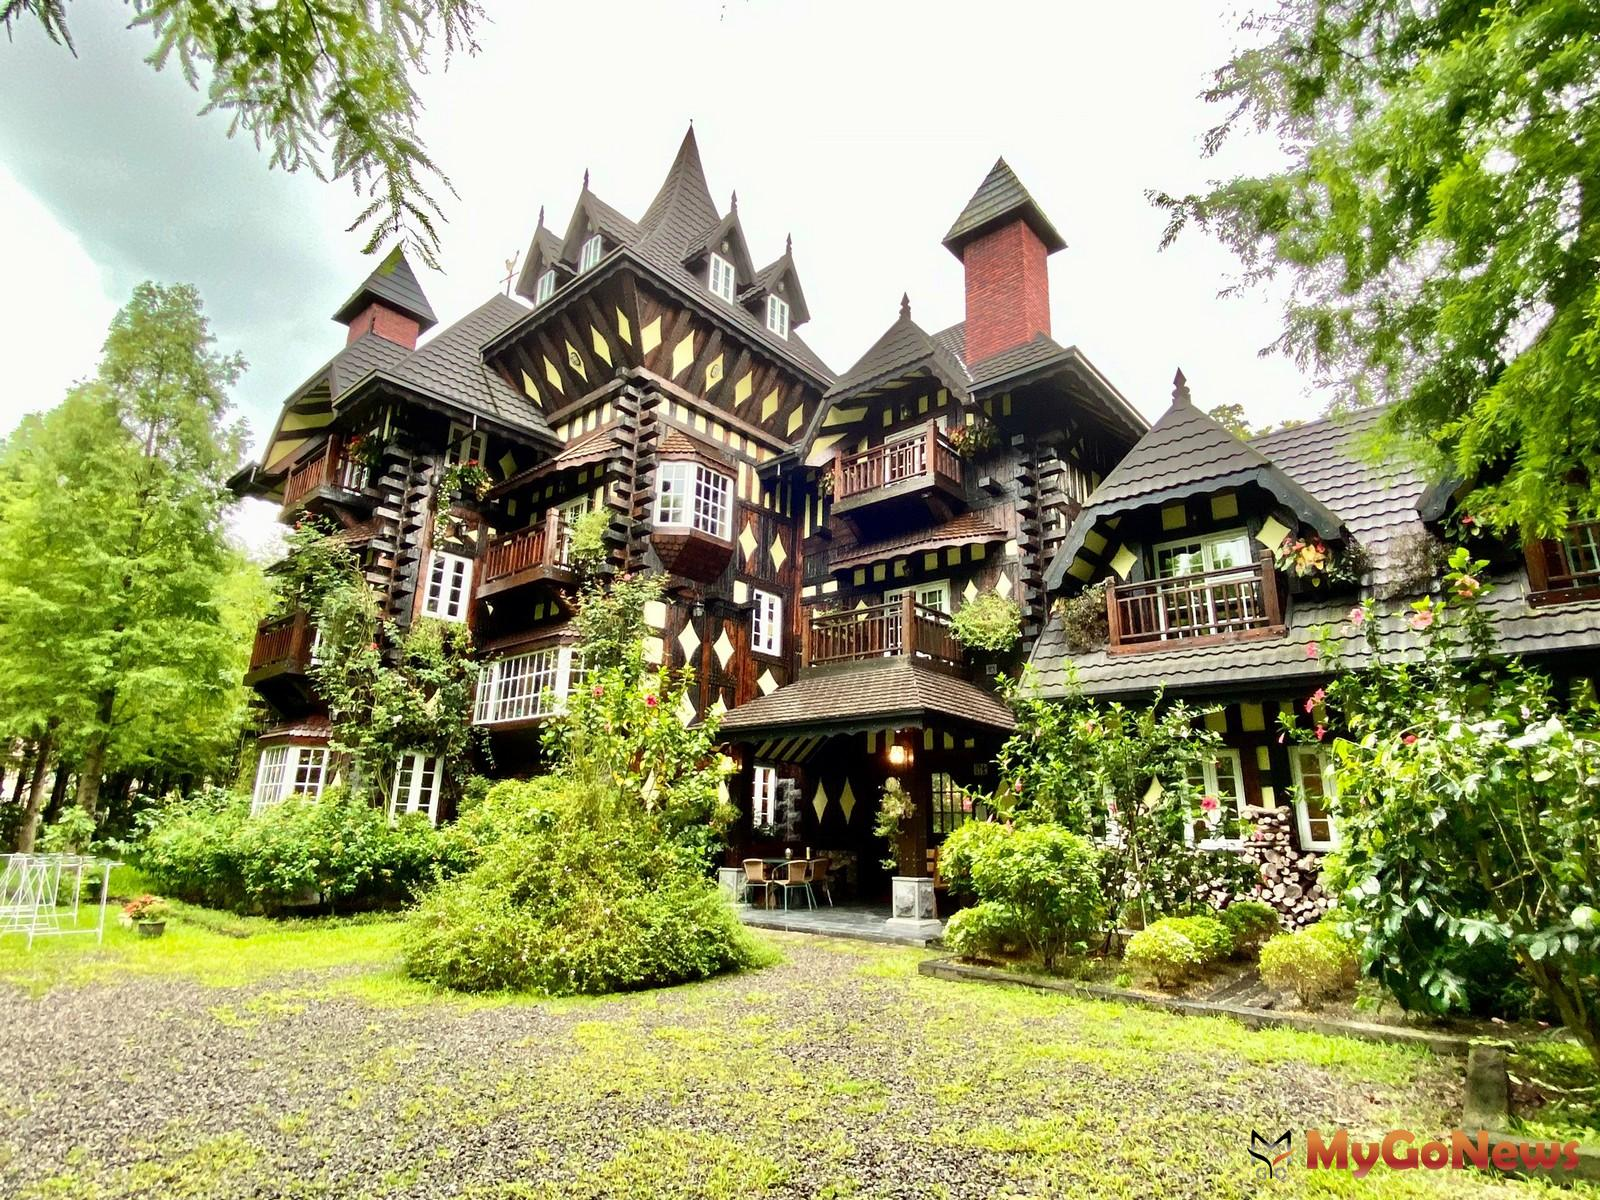 英格蘭莊園的城堡外觀極具特色,吸引許多網美拍照打卡。(台灣房屋草屯中興特許加盟店提供) MyGoNews房地產新聞 市場快訊